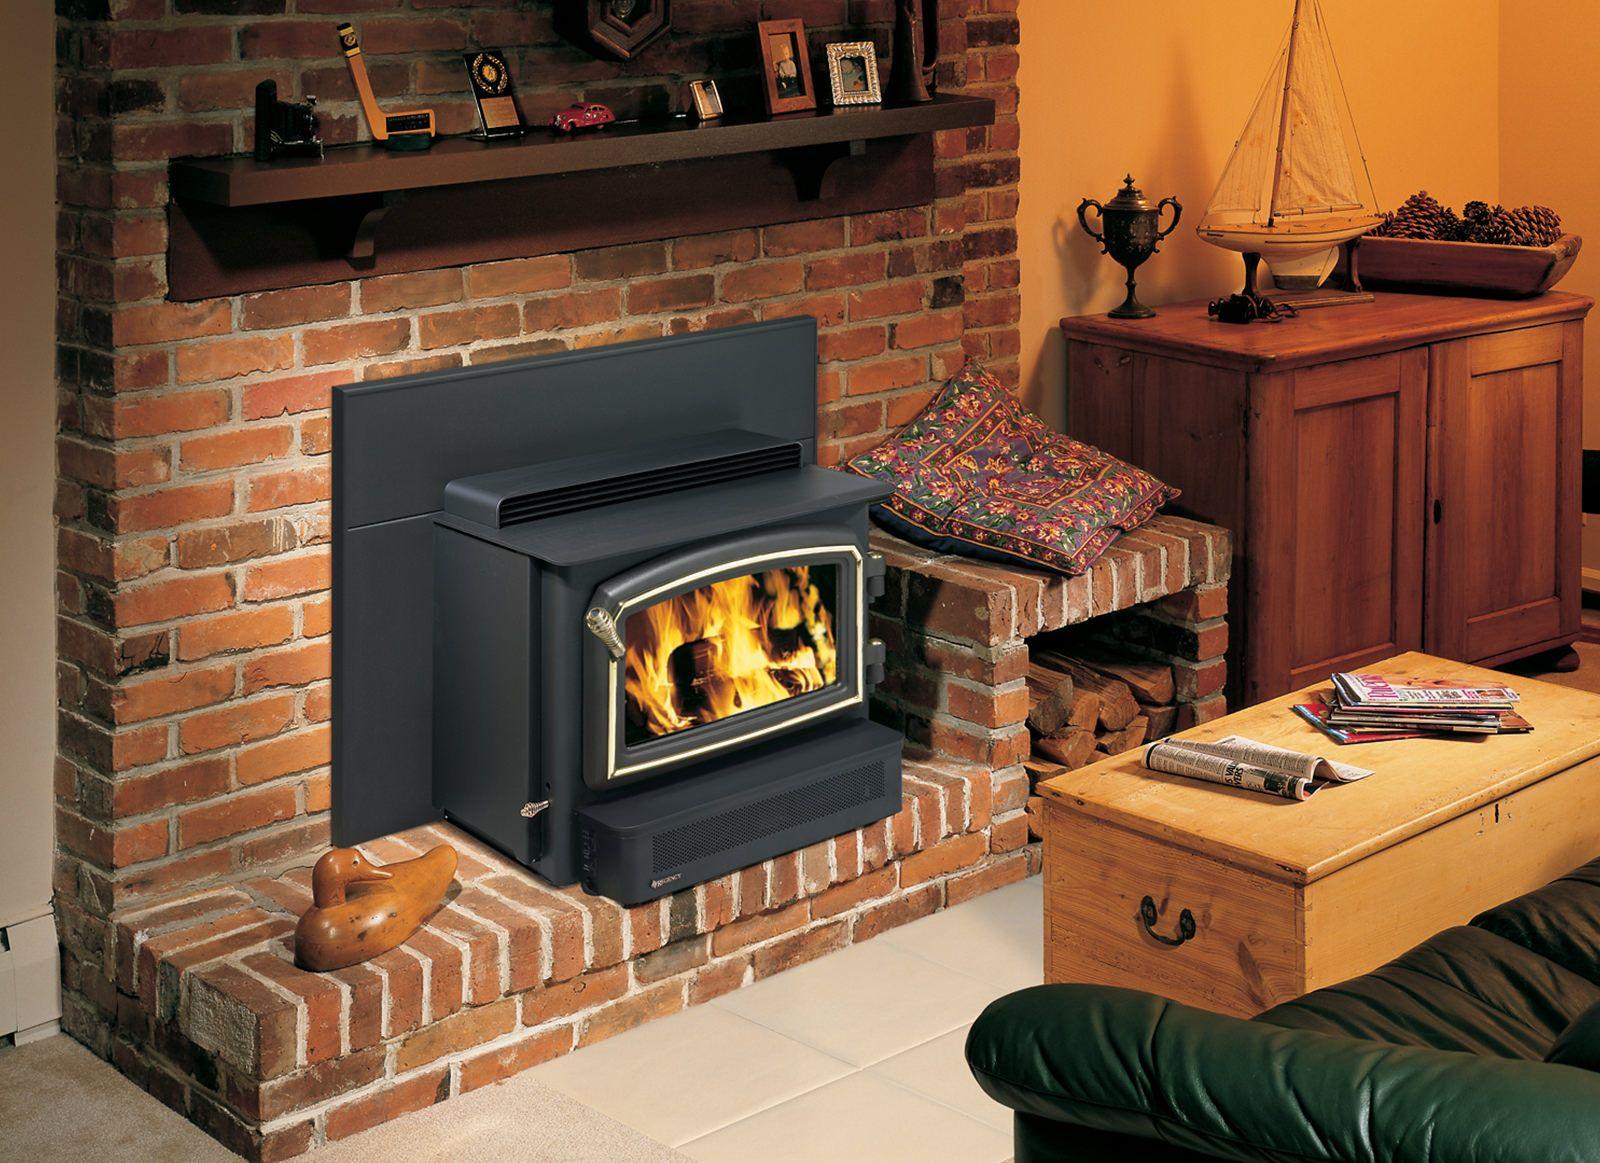 Ne Alabama Nw Georgia Tennessee Wood Fireplace Inserts Wood Burning Fireplace Inserts Wood Insert Wood Fireplace